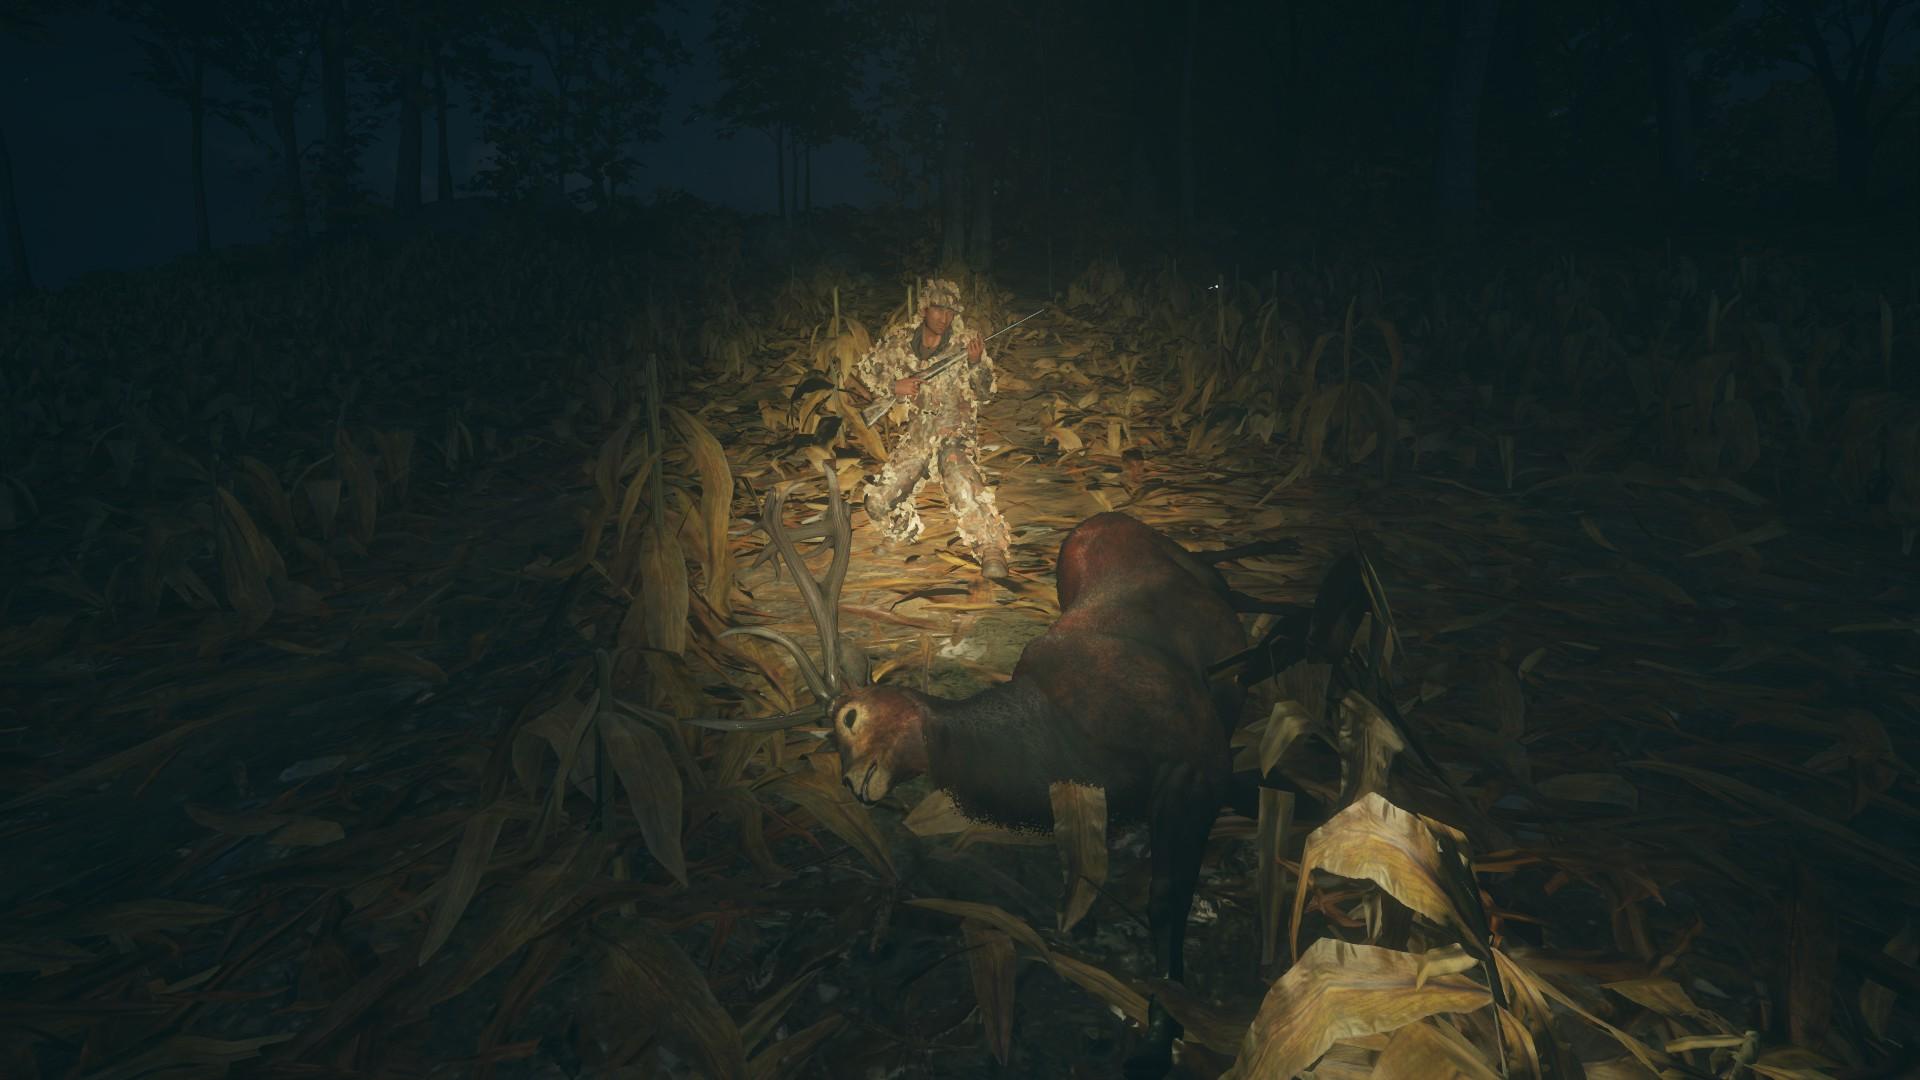 Precioso lance a un Ciervo Rojo, record personal B503BD80FD7470A75E18F4A9720F1B719EEBE2E9